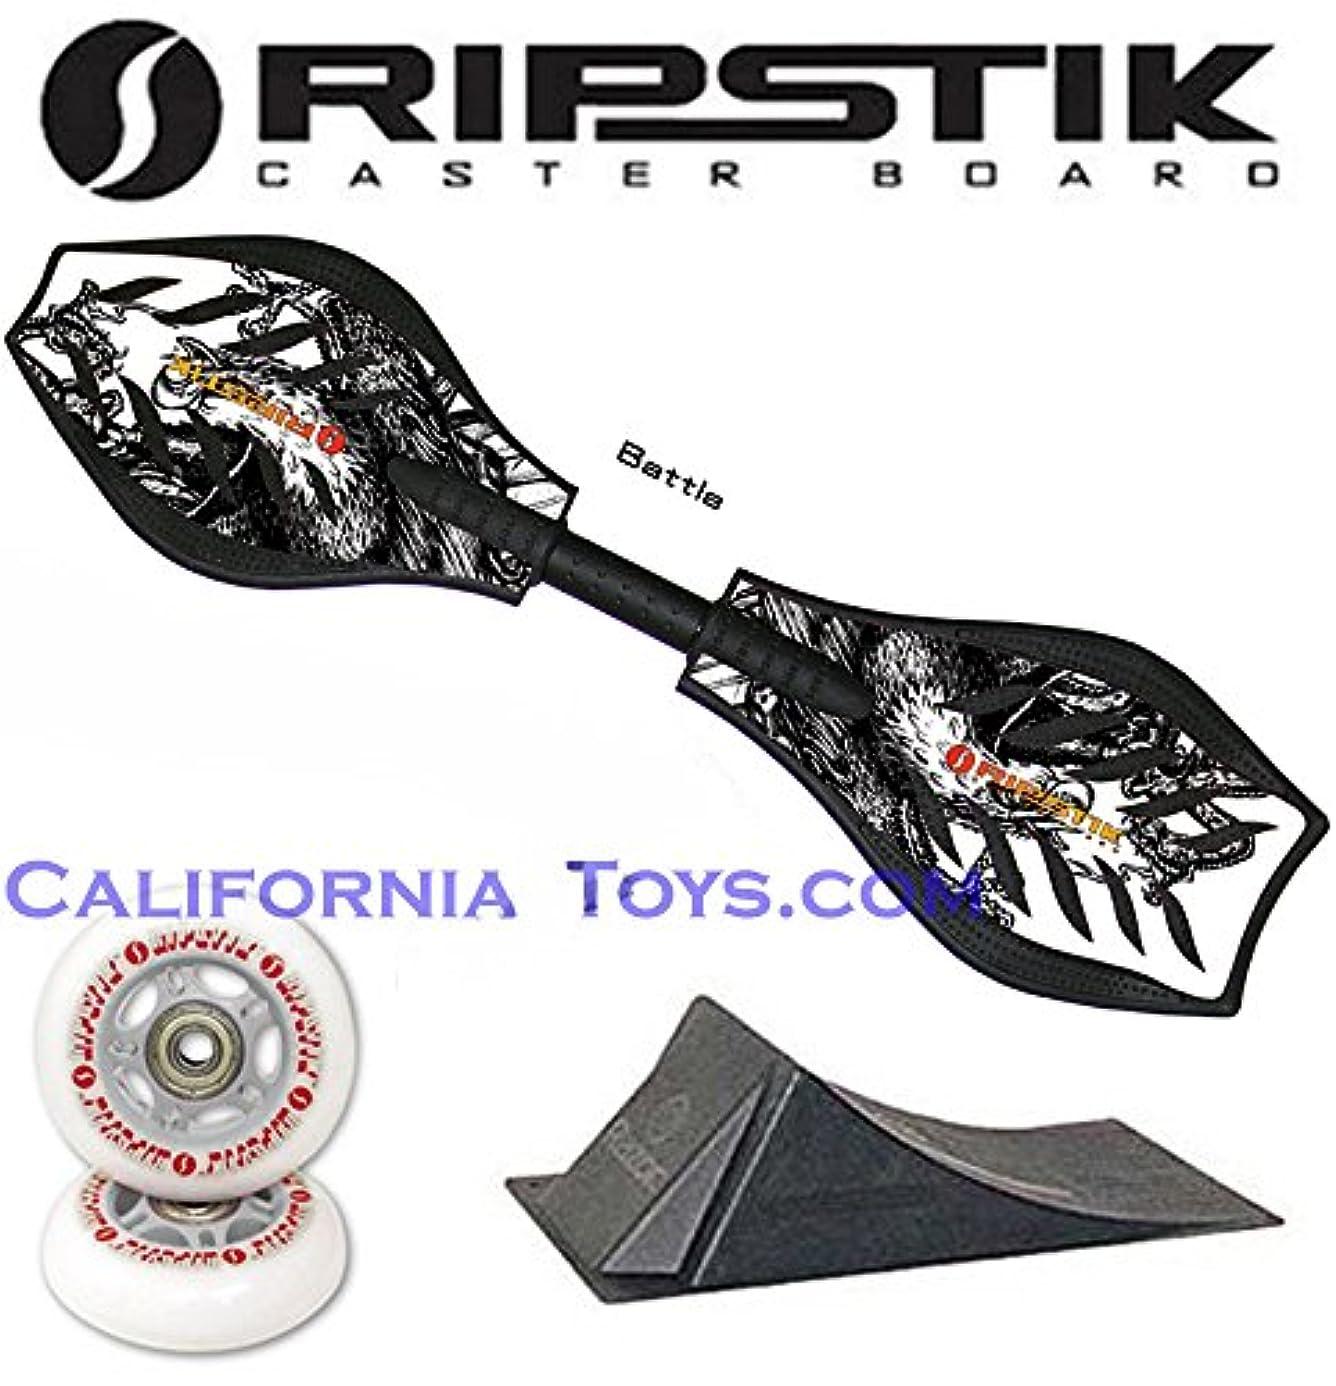 寓話辞任するカップRazor Ripstik 限定版 バトルキャスターボード スケートボード パンクスロープとグレーホイールの追加セット